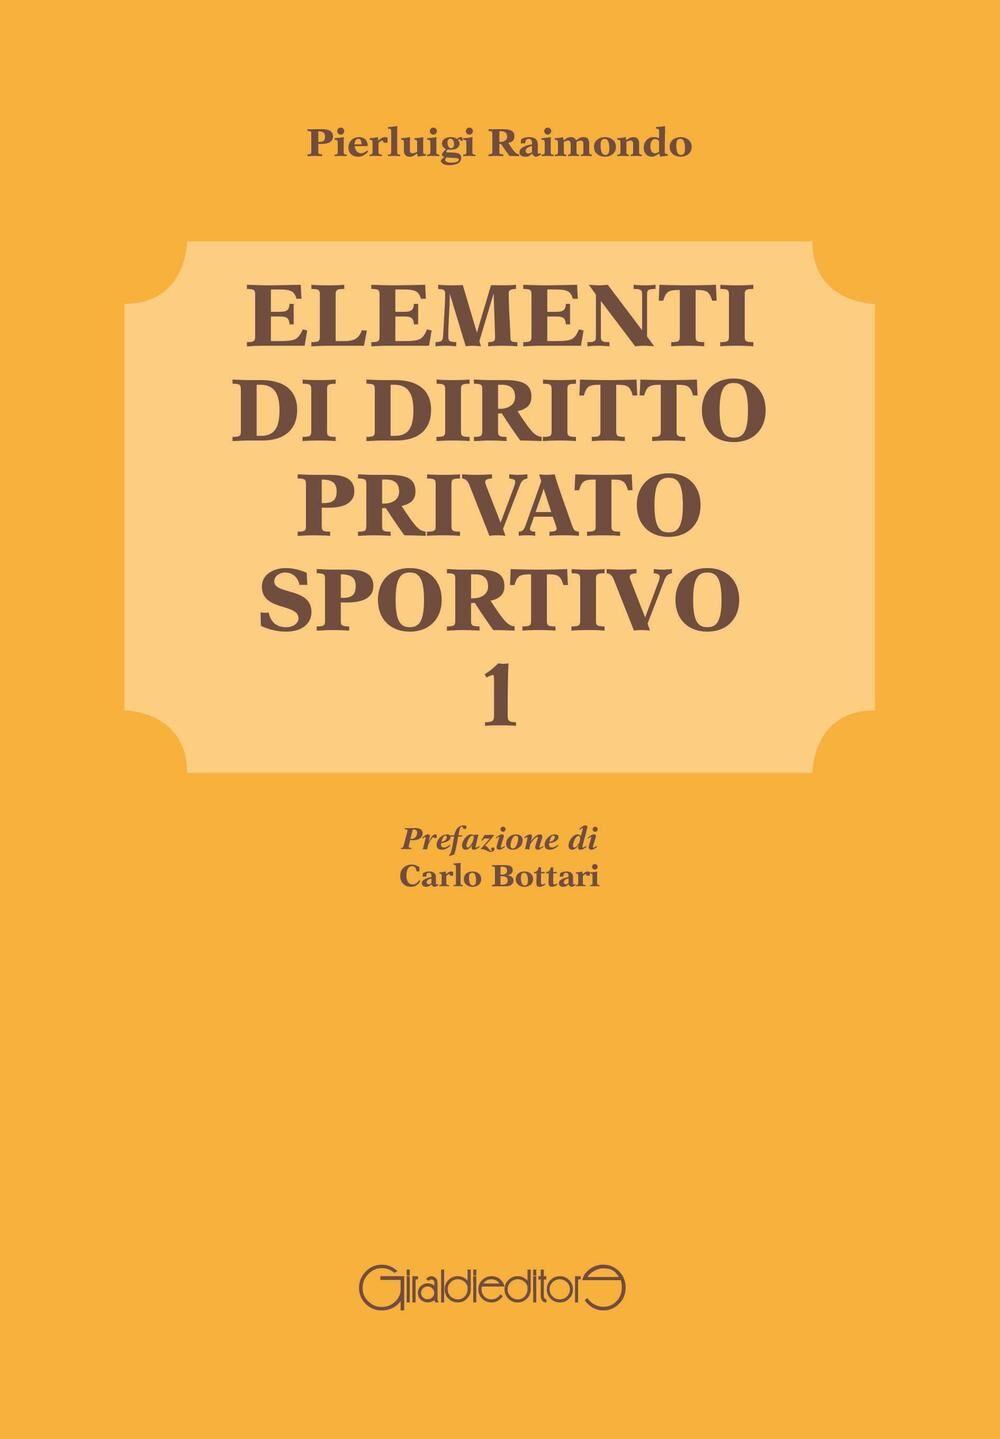 Elementi di diritto privato sportivo. Vol. 1